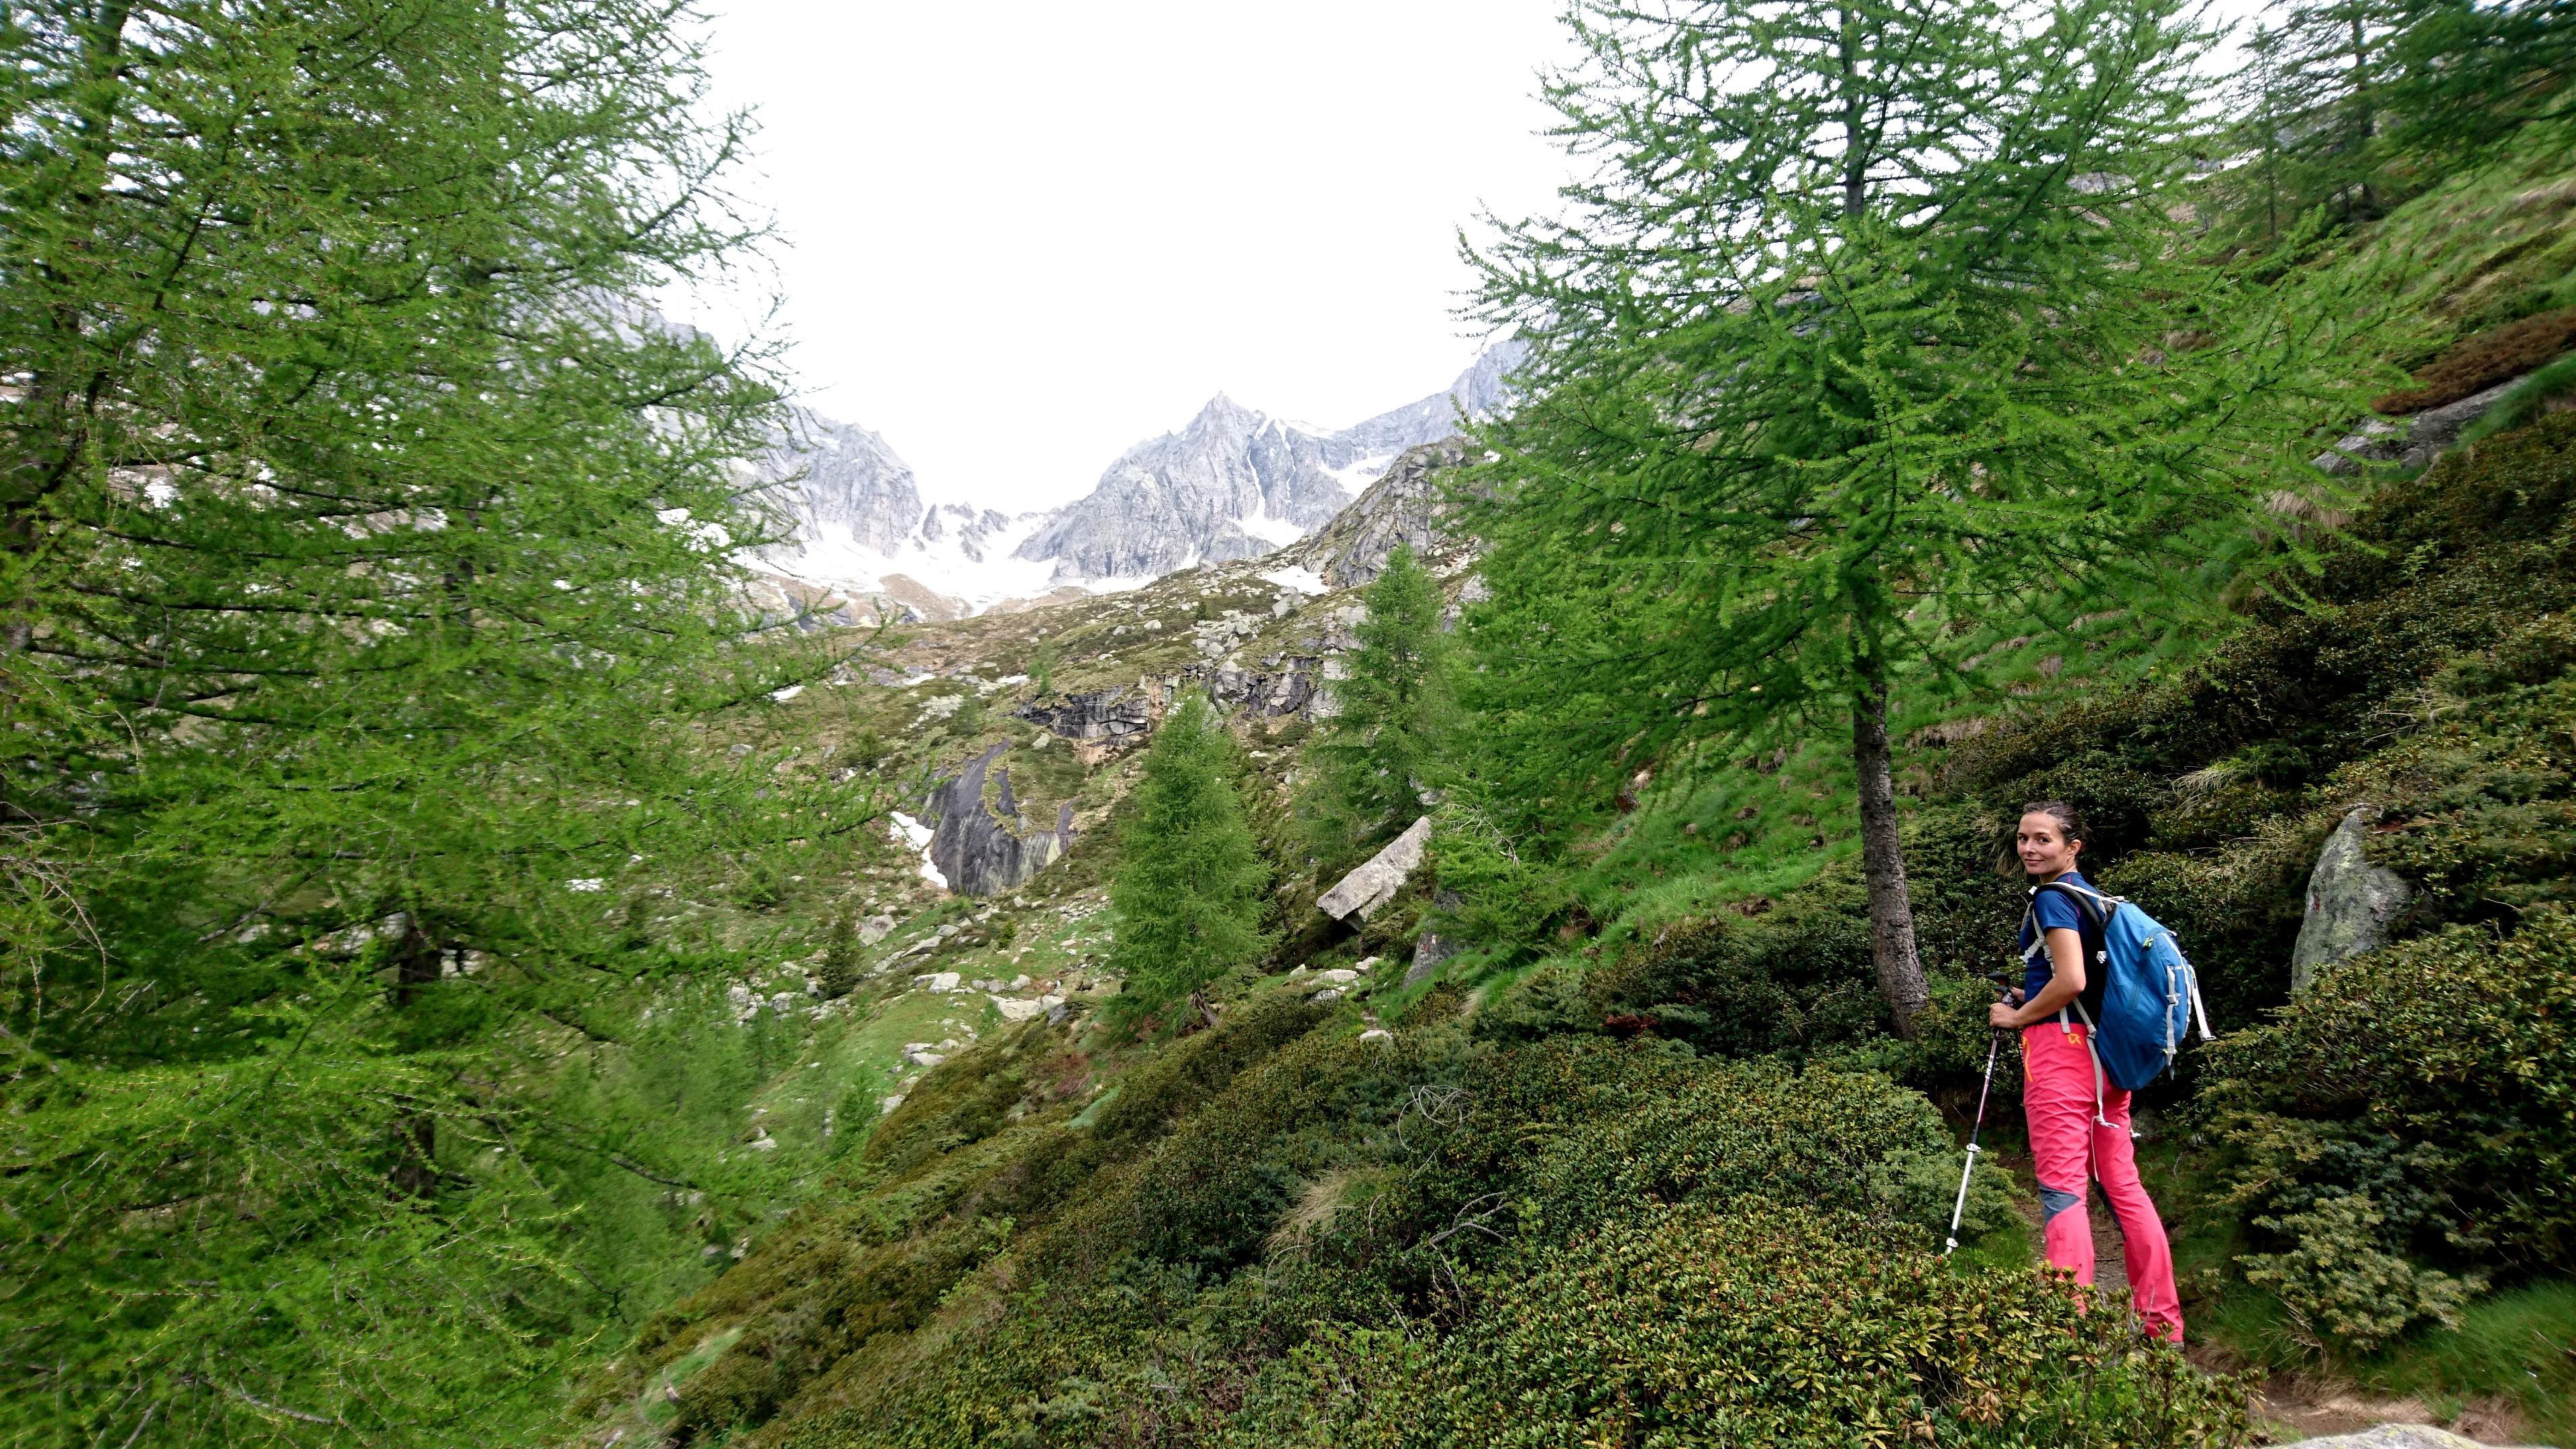 il bosco di conifere cede il posto ai rododendri: quando fioriscono dev'essere uno spettacolo!